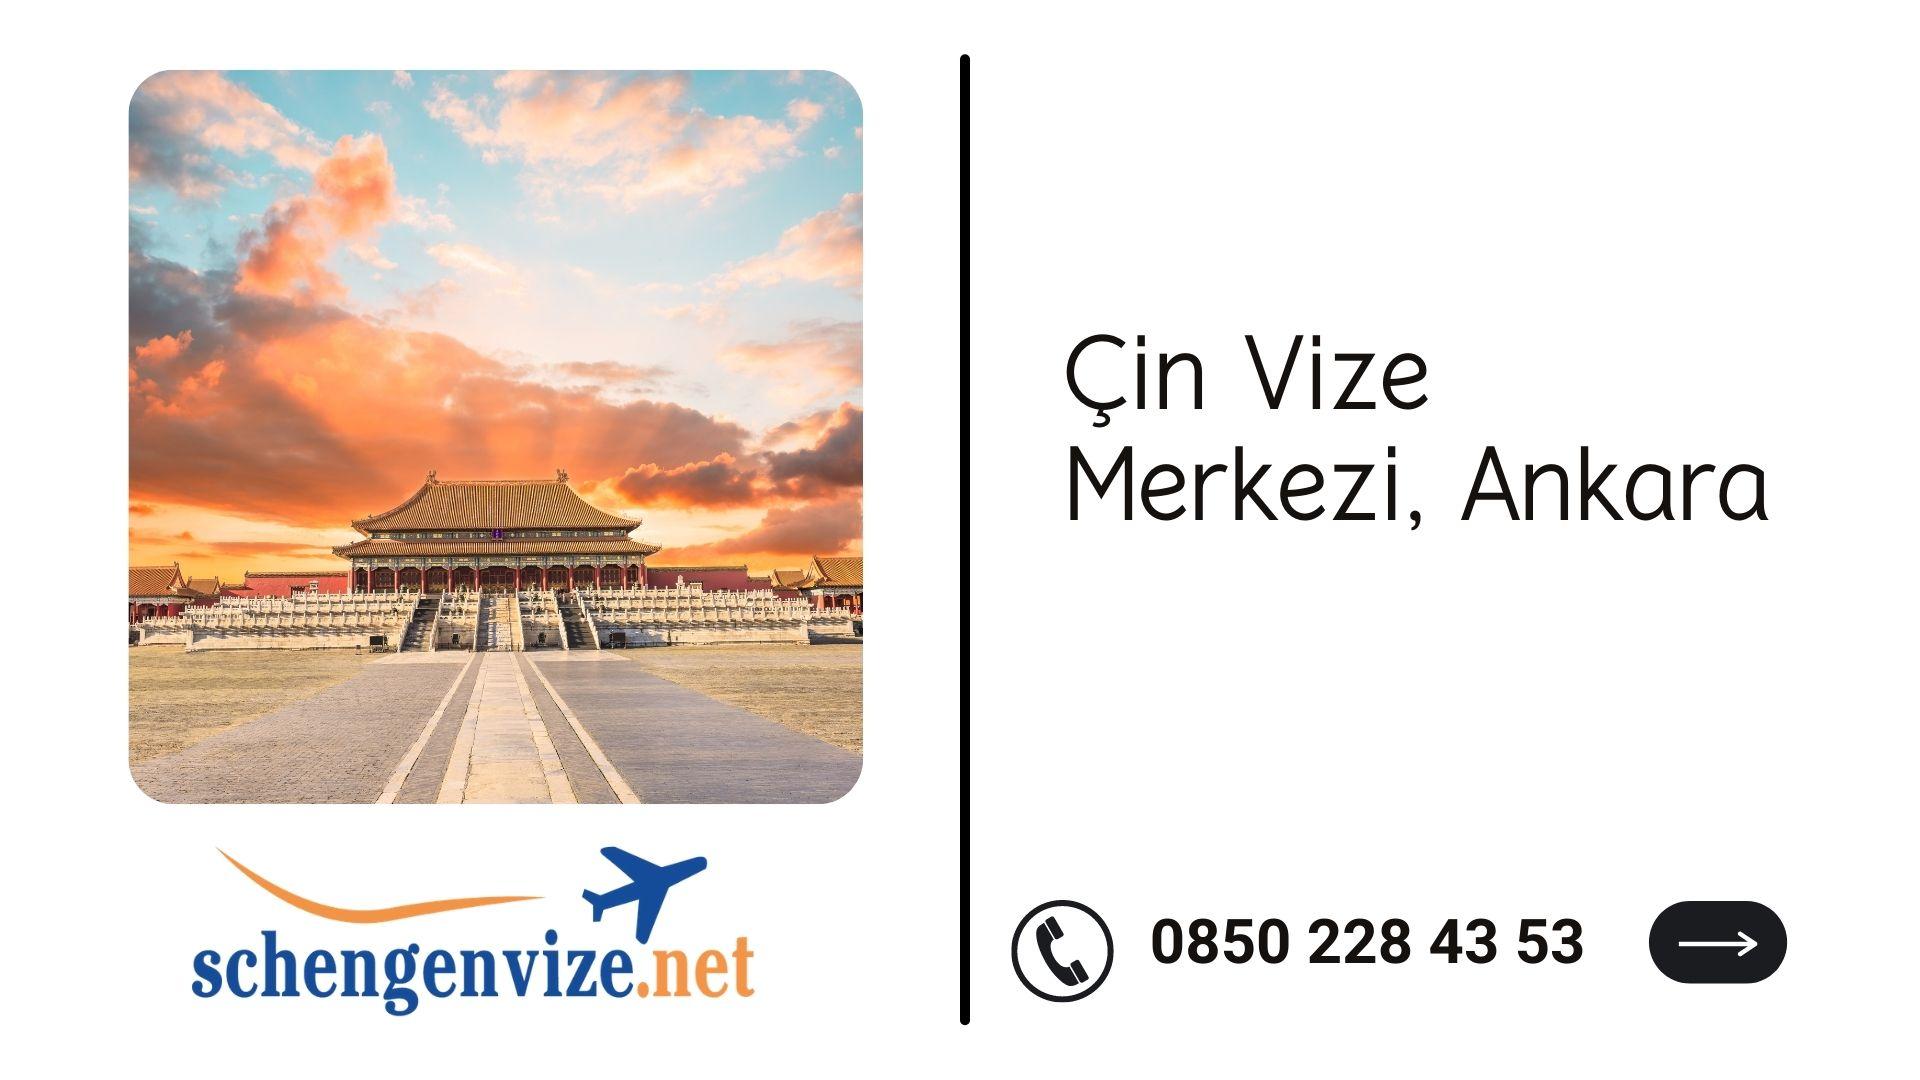 Çin Vize Merkezi, Ankara